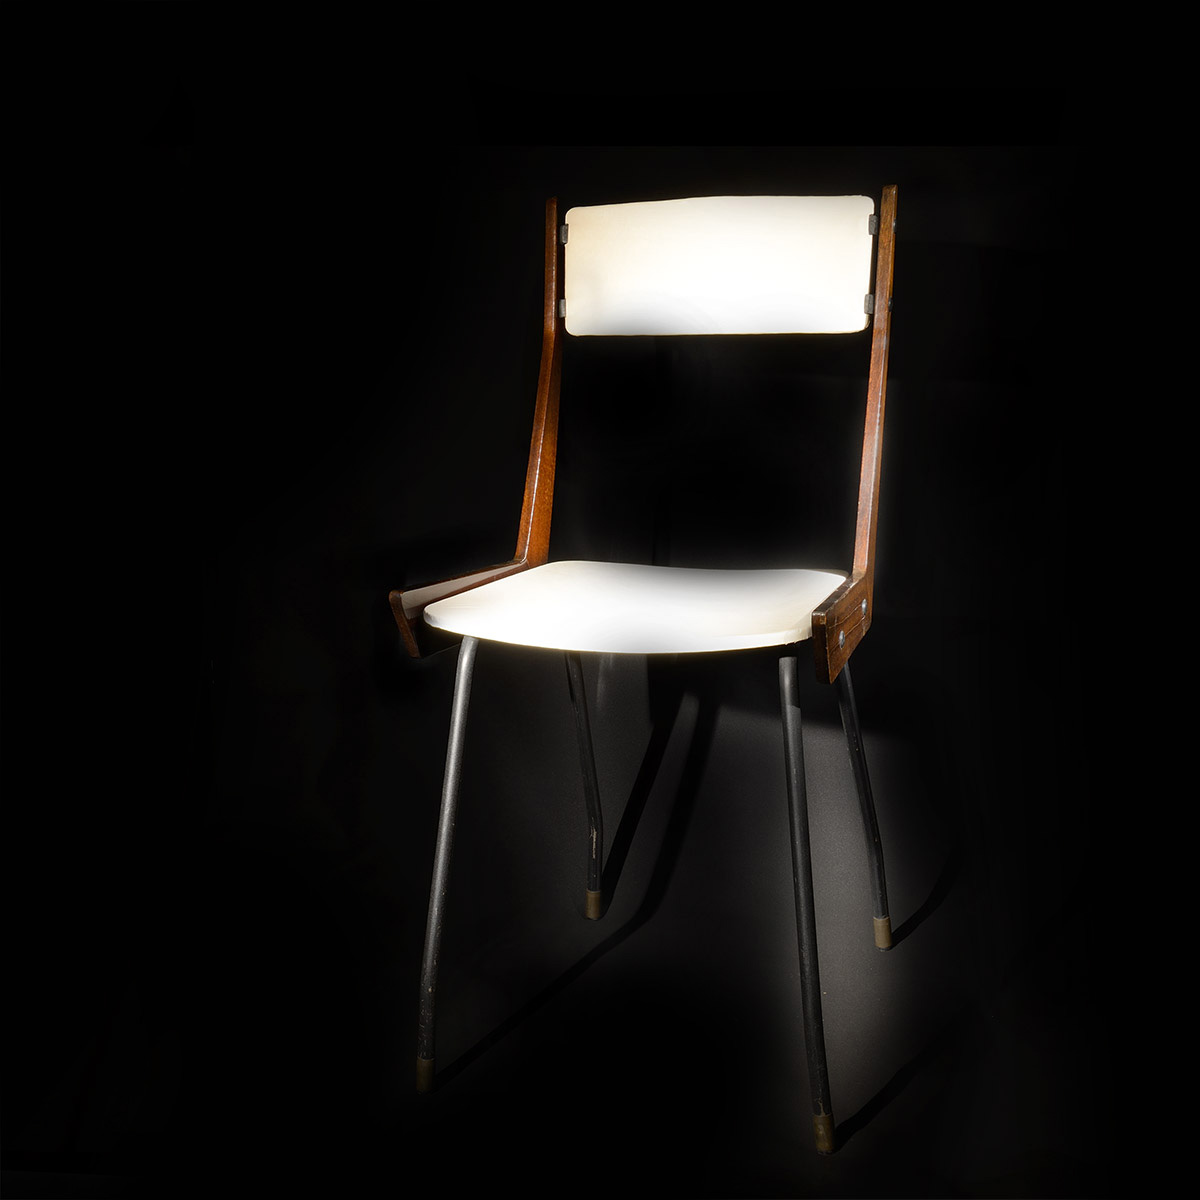 sedia anni60 Ico Parisi RB Bernardi